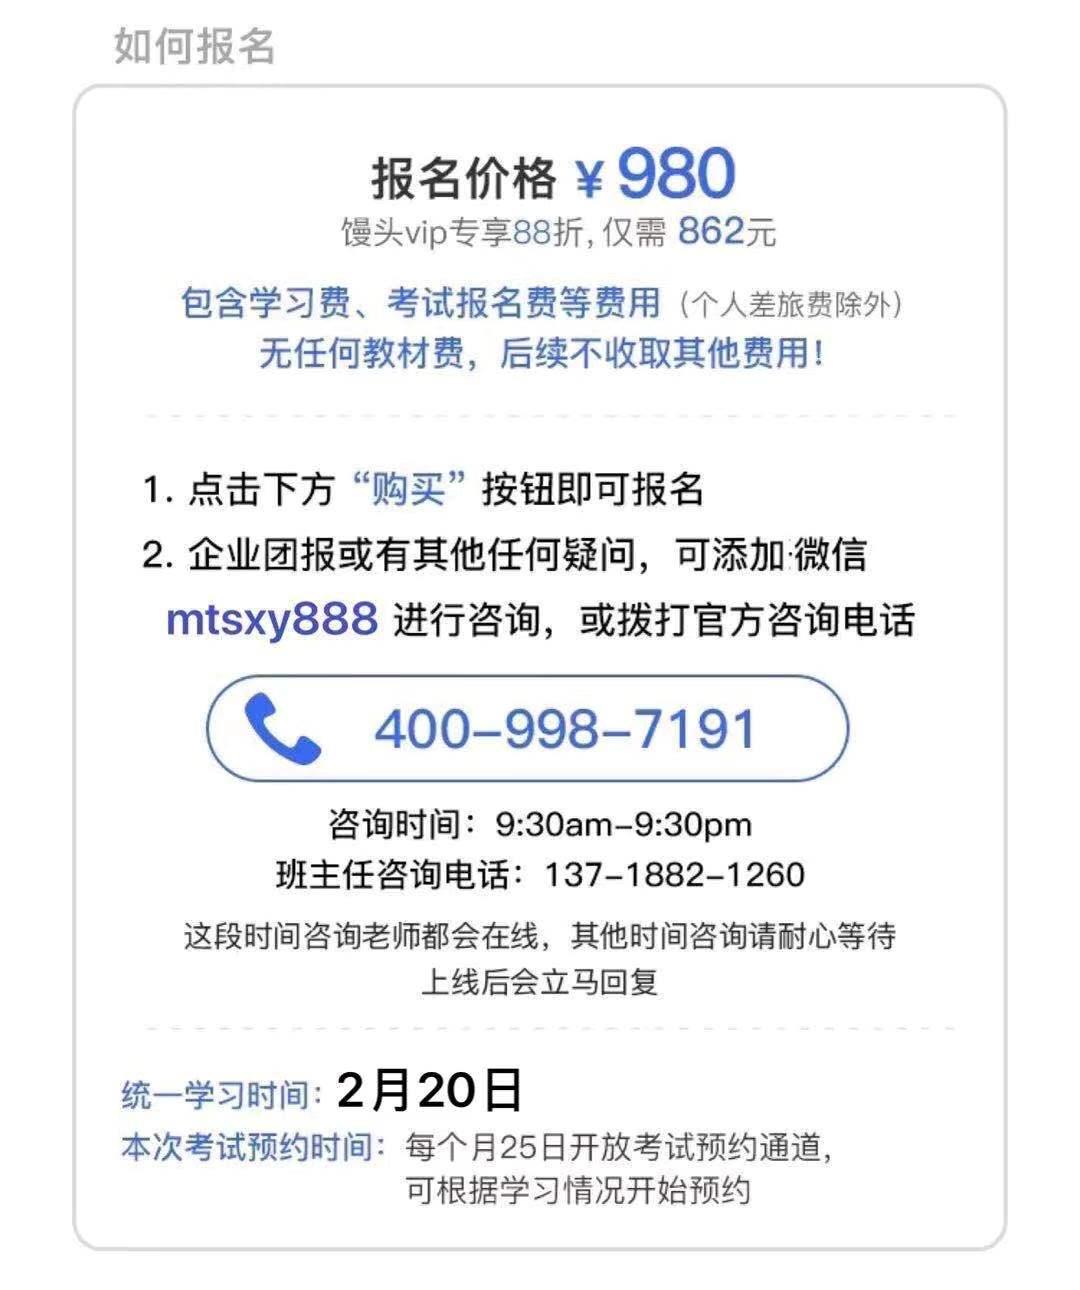 http://mtedu-img.oss-cn-beijing-internal.aliyuncs.com/ueditor/20200131235046_382959.jpeg